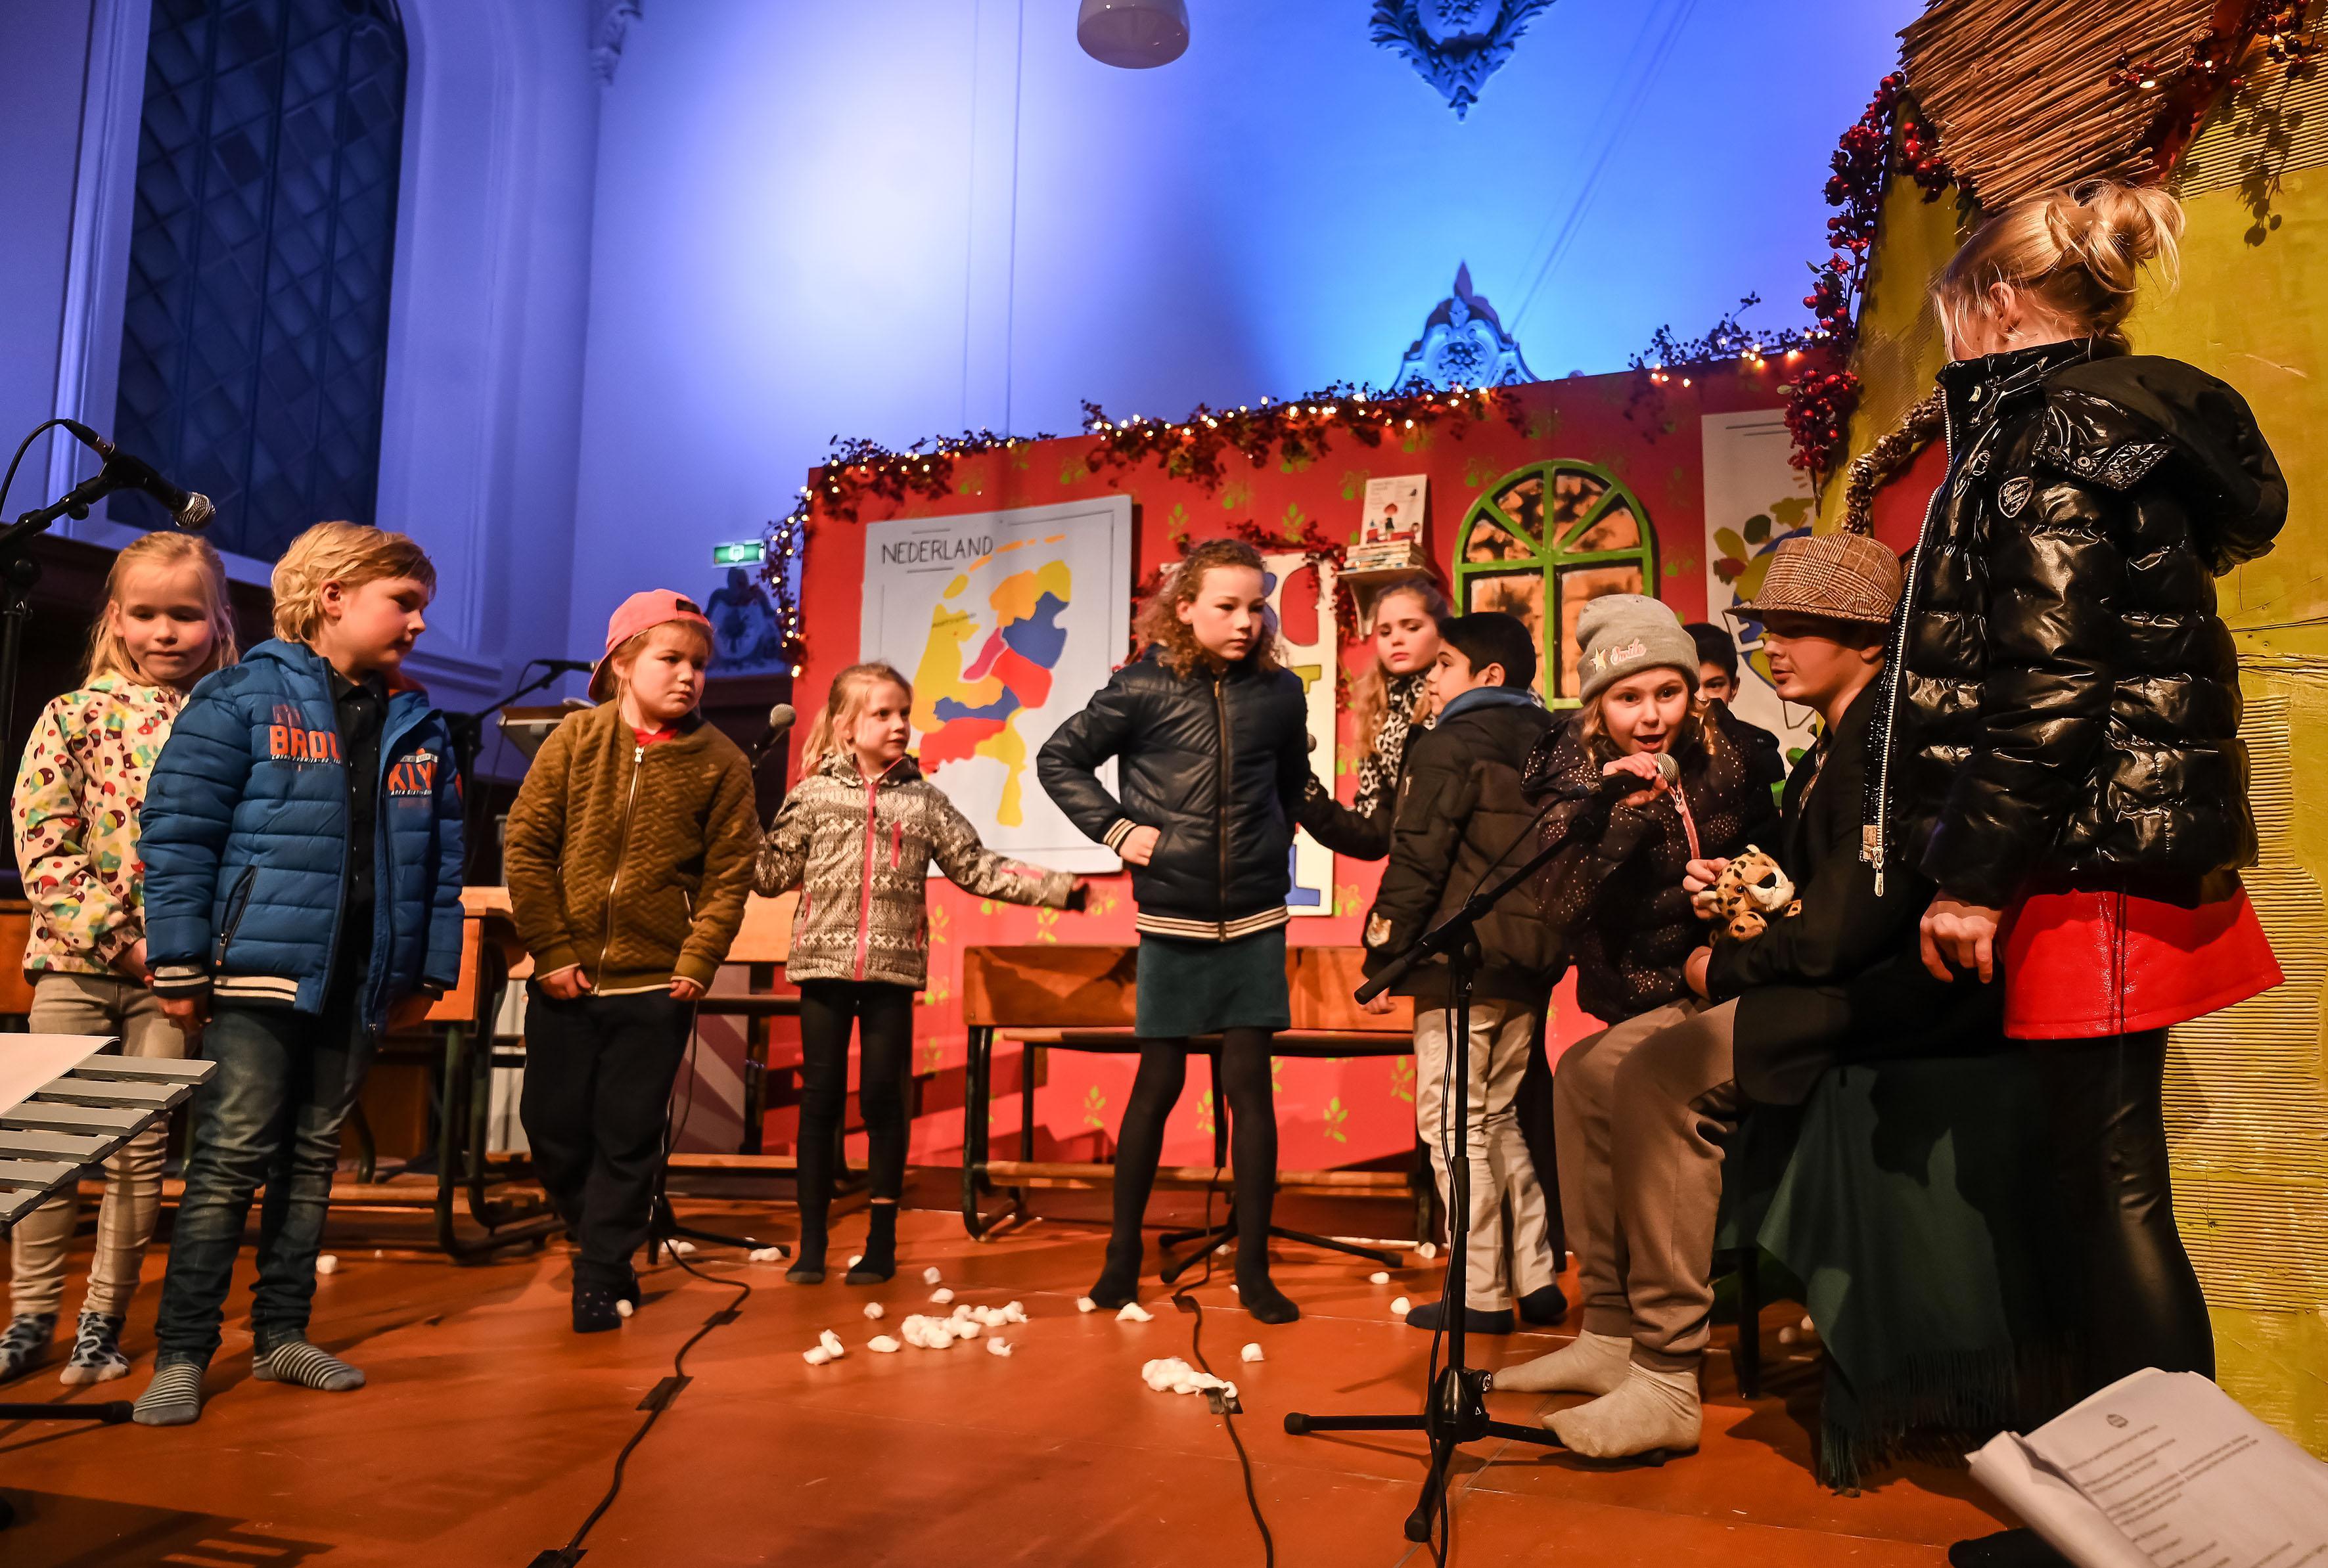 Kinderen uit Aartswoud zorgen met 'Sterren van de hemel' voor een mooi begin van de kerst